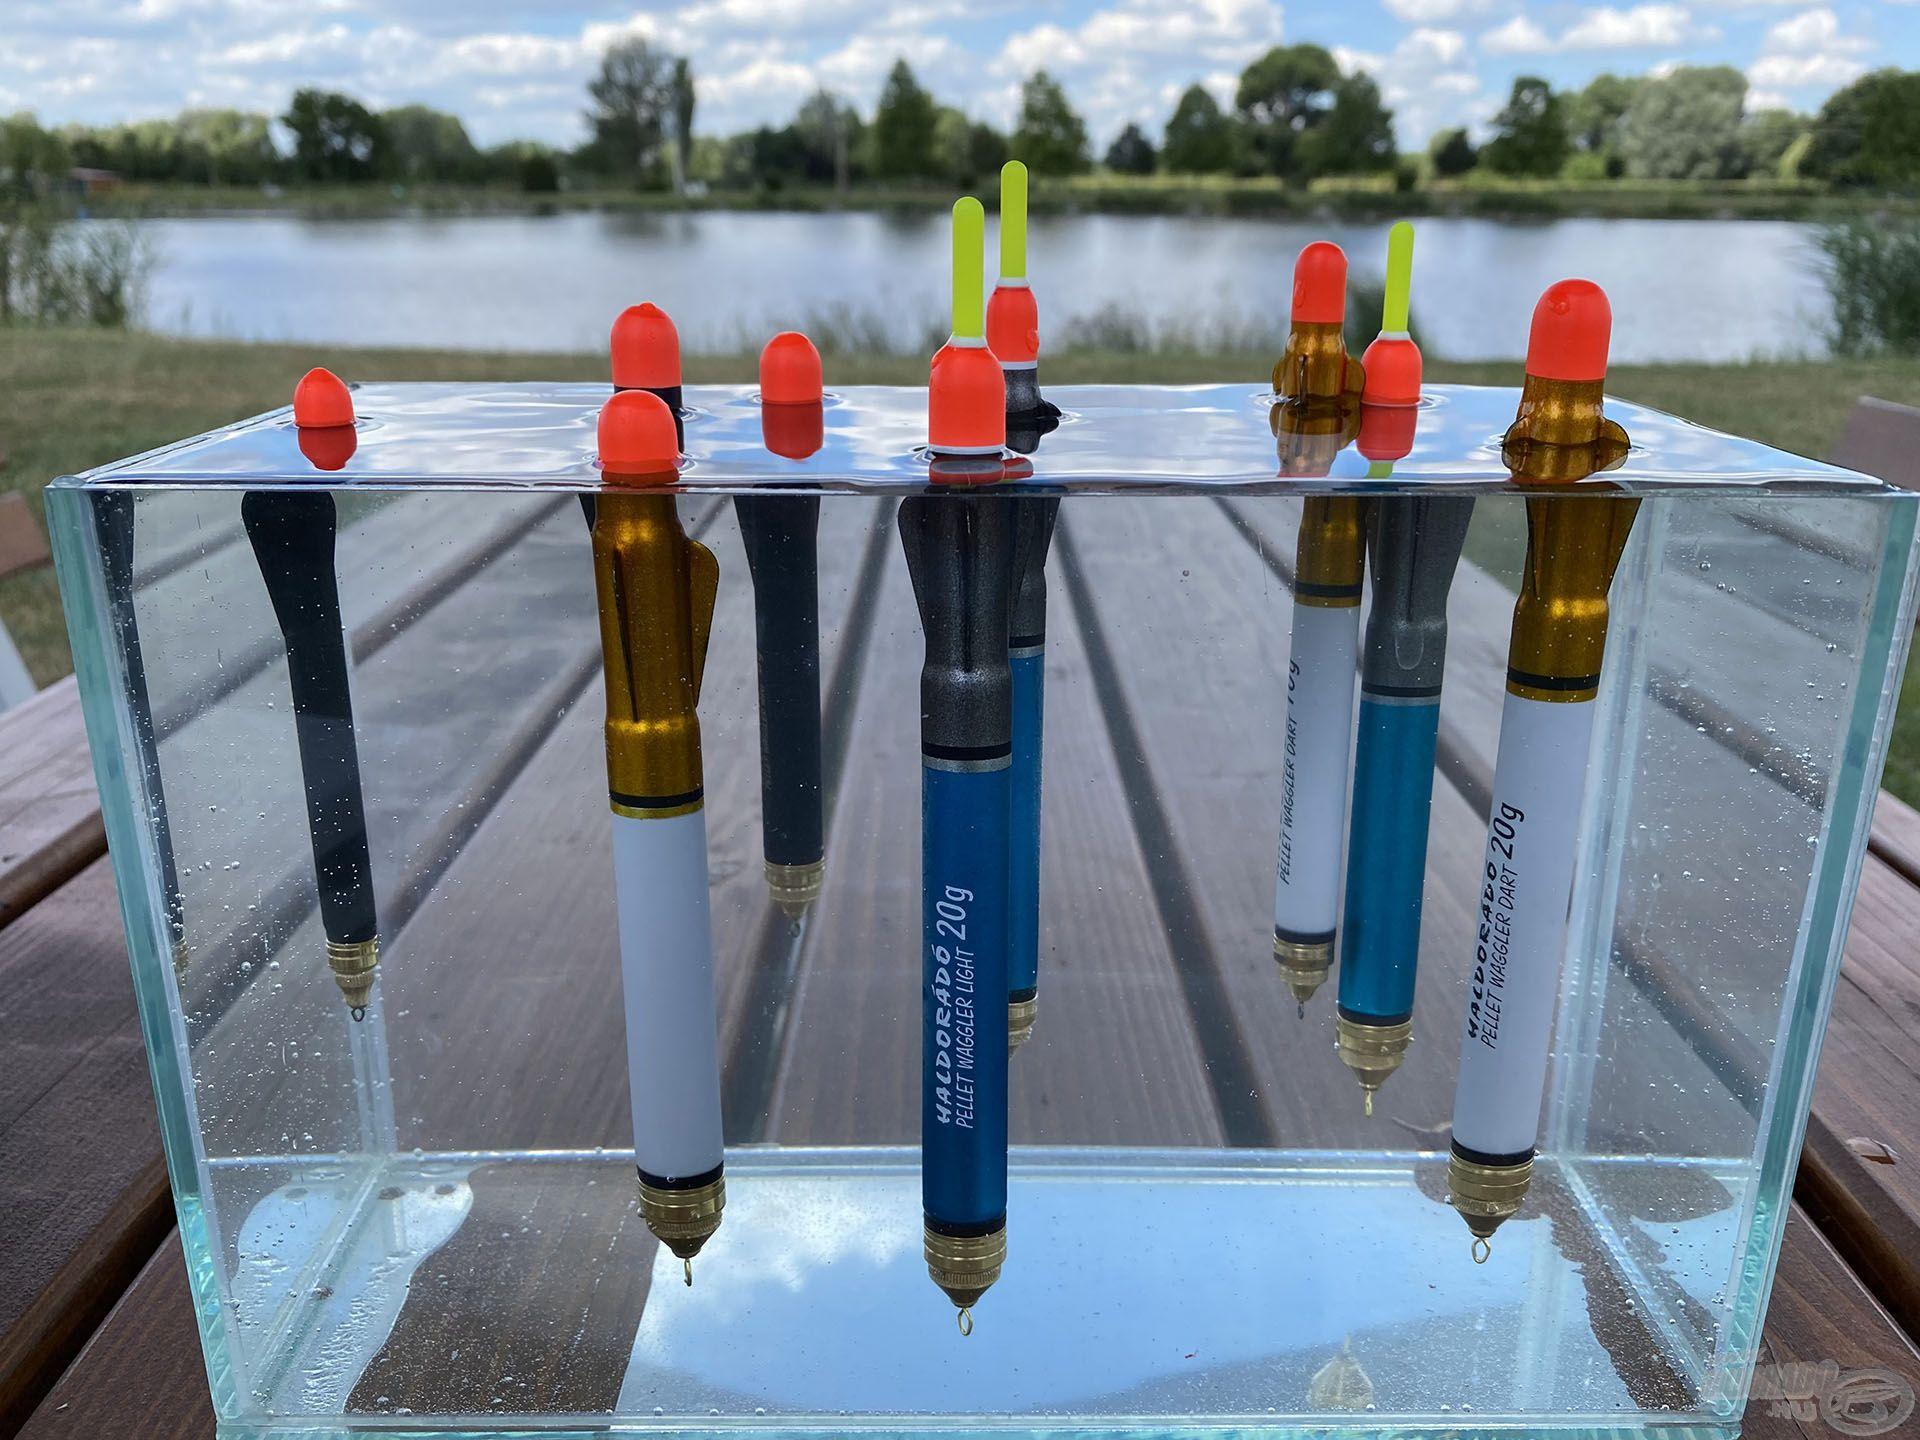 A vízfelszíni pontyhorgászathoz kifejlesztett speciális úszók már a Haldorádó kínálatában is megtalálhatók három különböző változatban